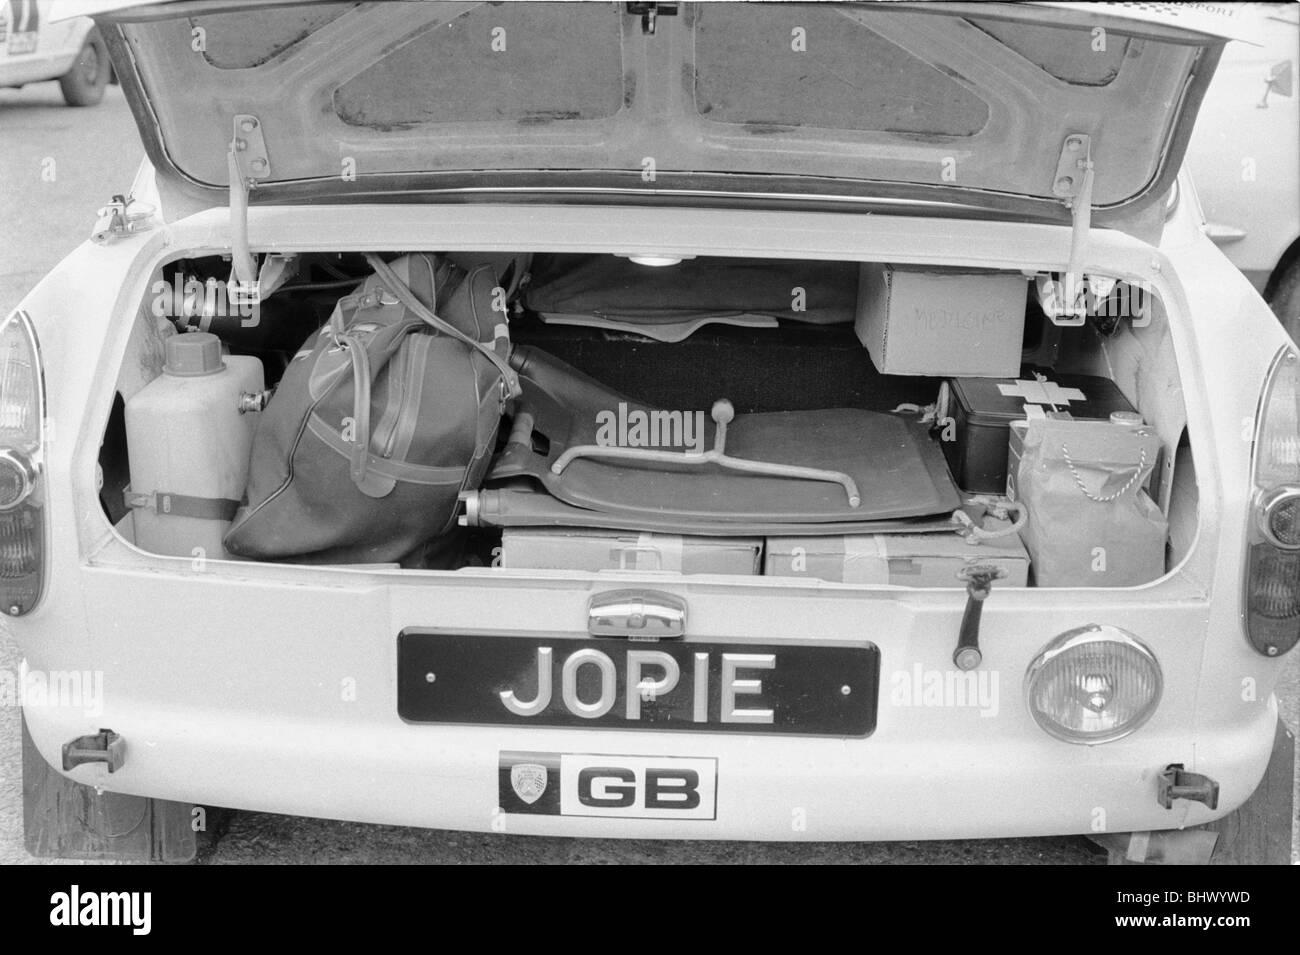 Boot von Peter Jopp B.L.M.C. 1800 bereit für Endkontrolle zu Beginn der täglichen Spiegel WM-Rallye, Wembley Stockbild